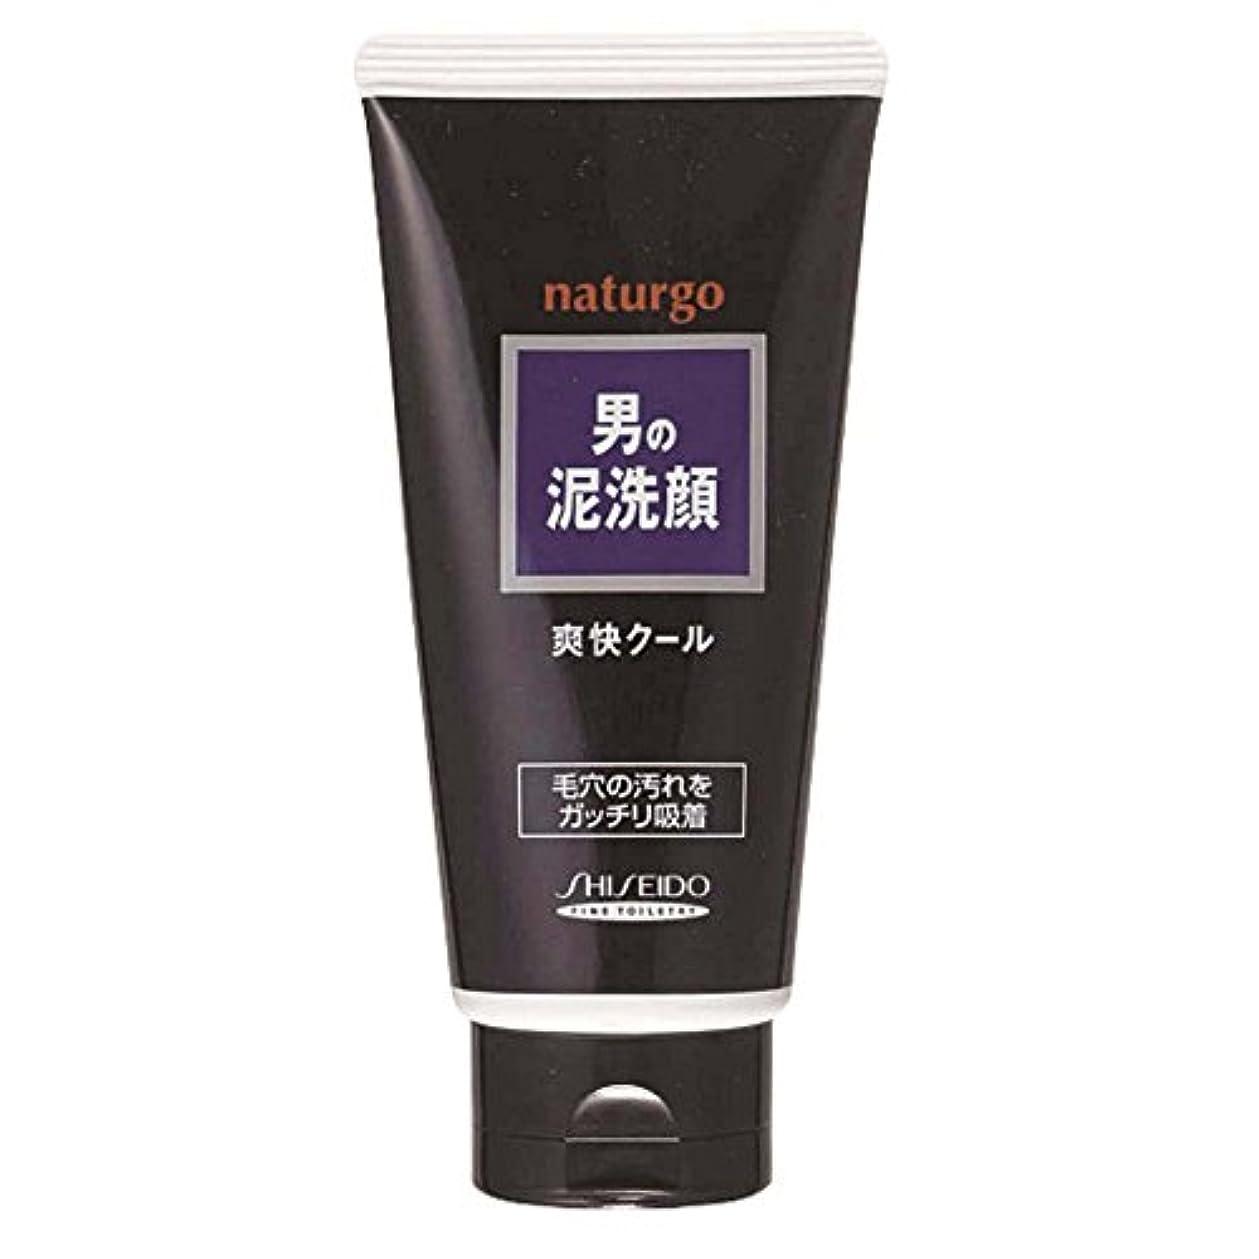 艶履歴書判定ナチュルゴ メンズクレイ洗顔フォーム黒 130g